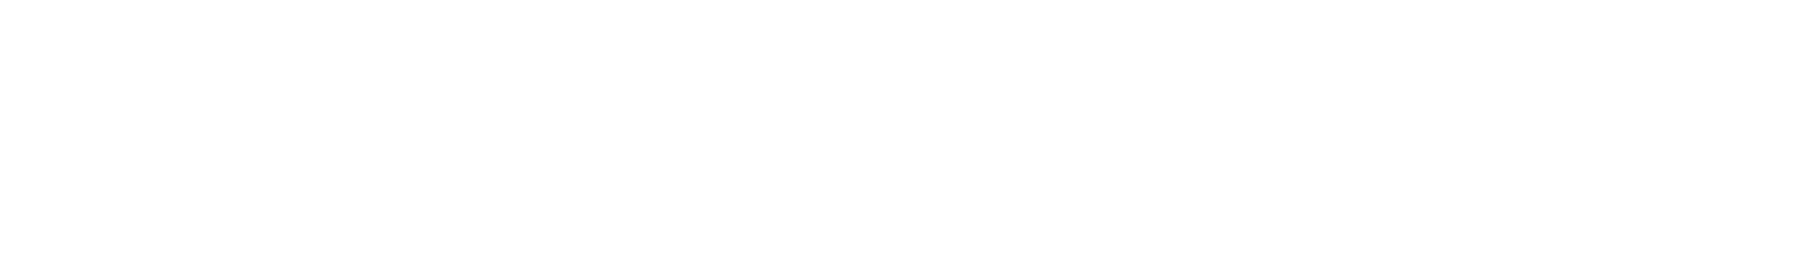 bluezone xworld sound 064